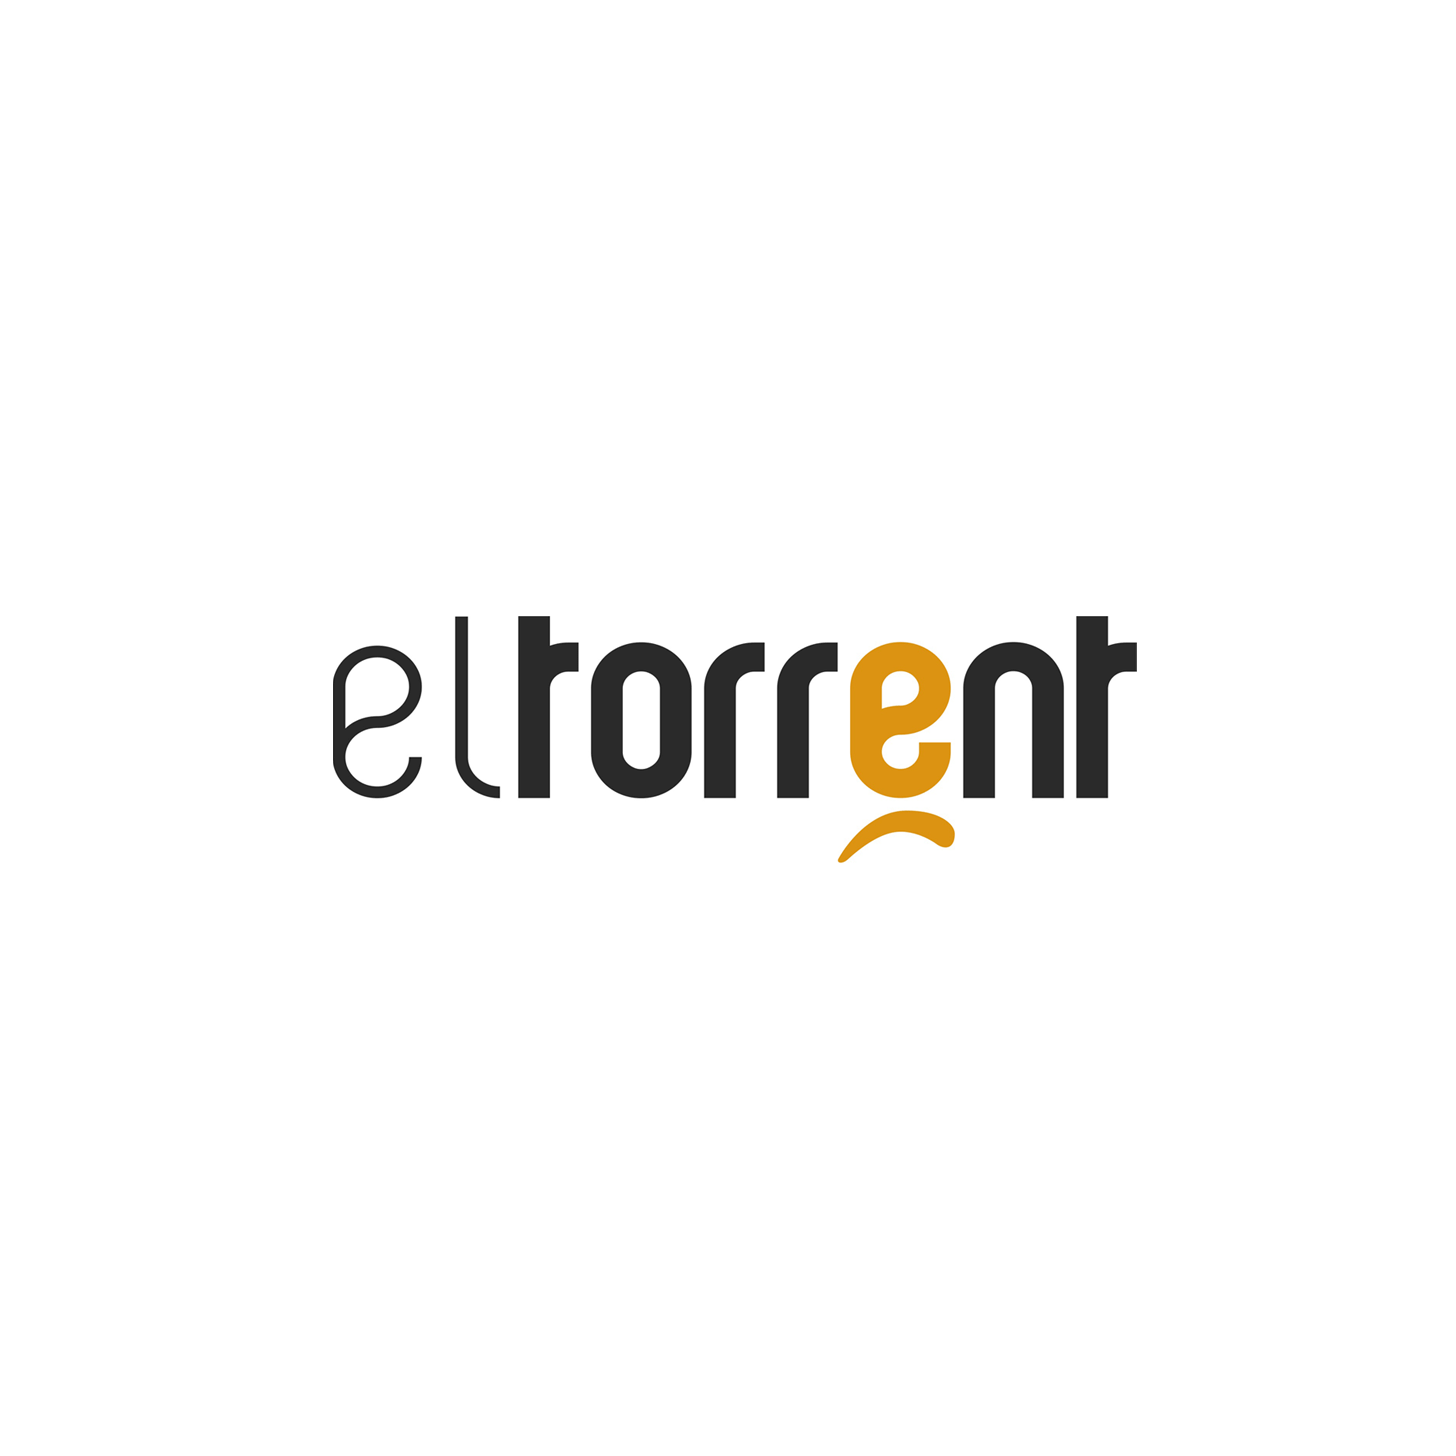 El Torrent